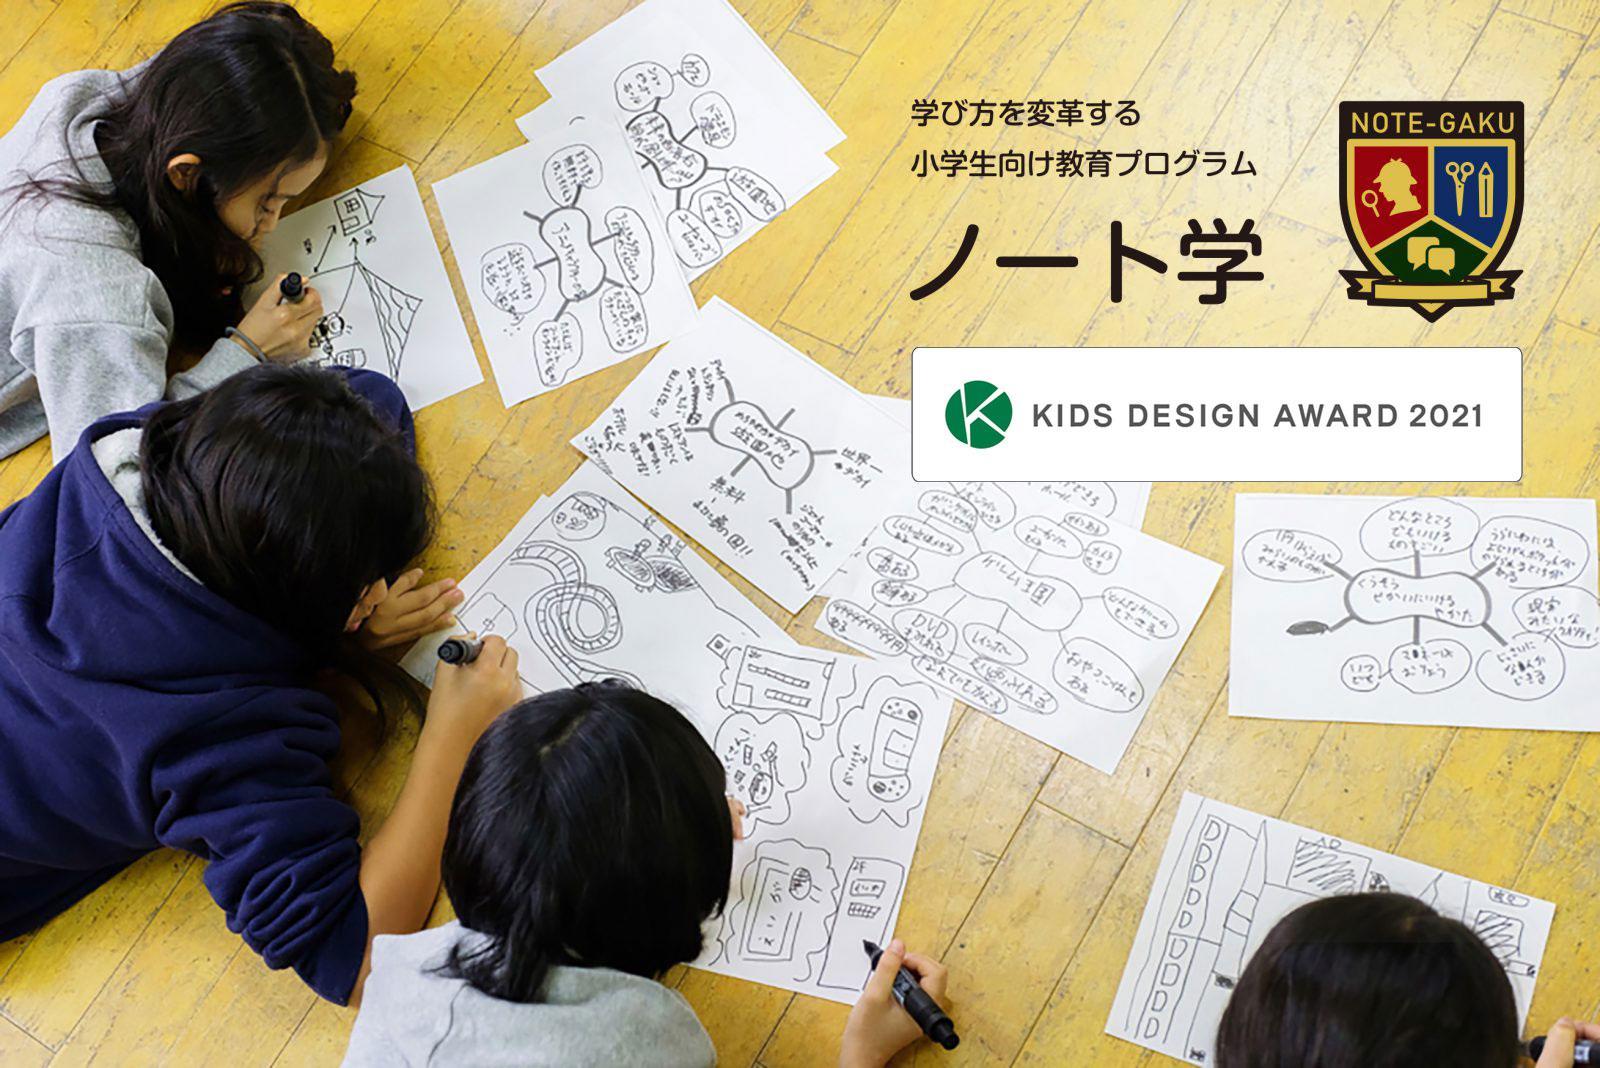 学び方を変革する 小学生向け教育プログラム 「ノート学」